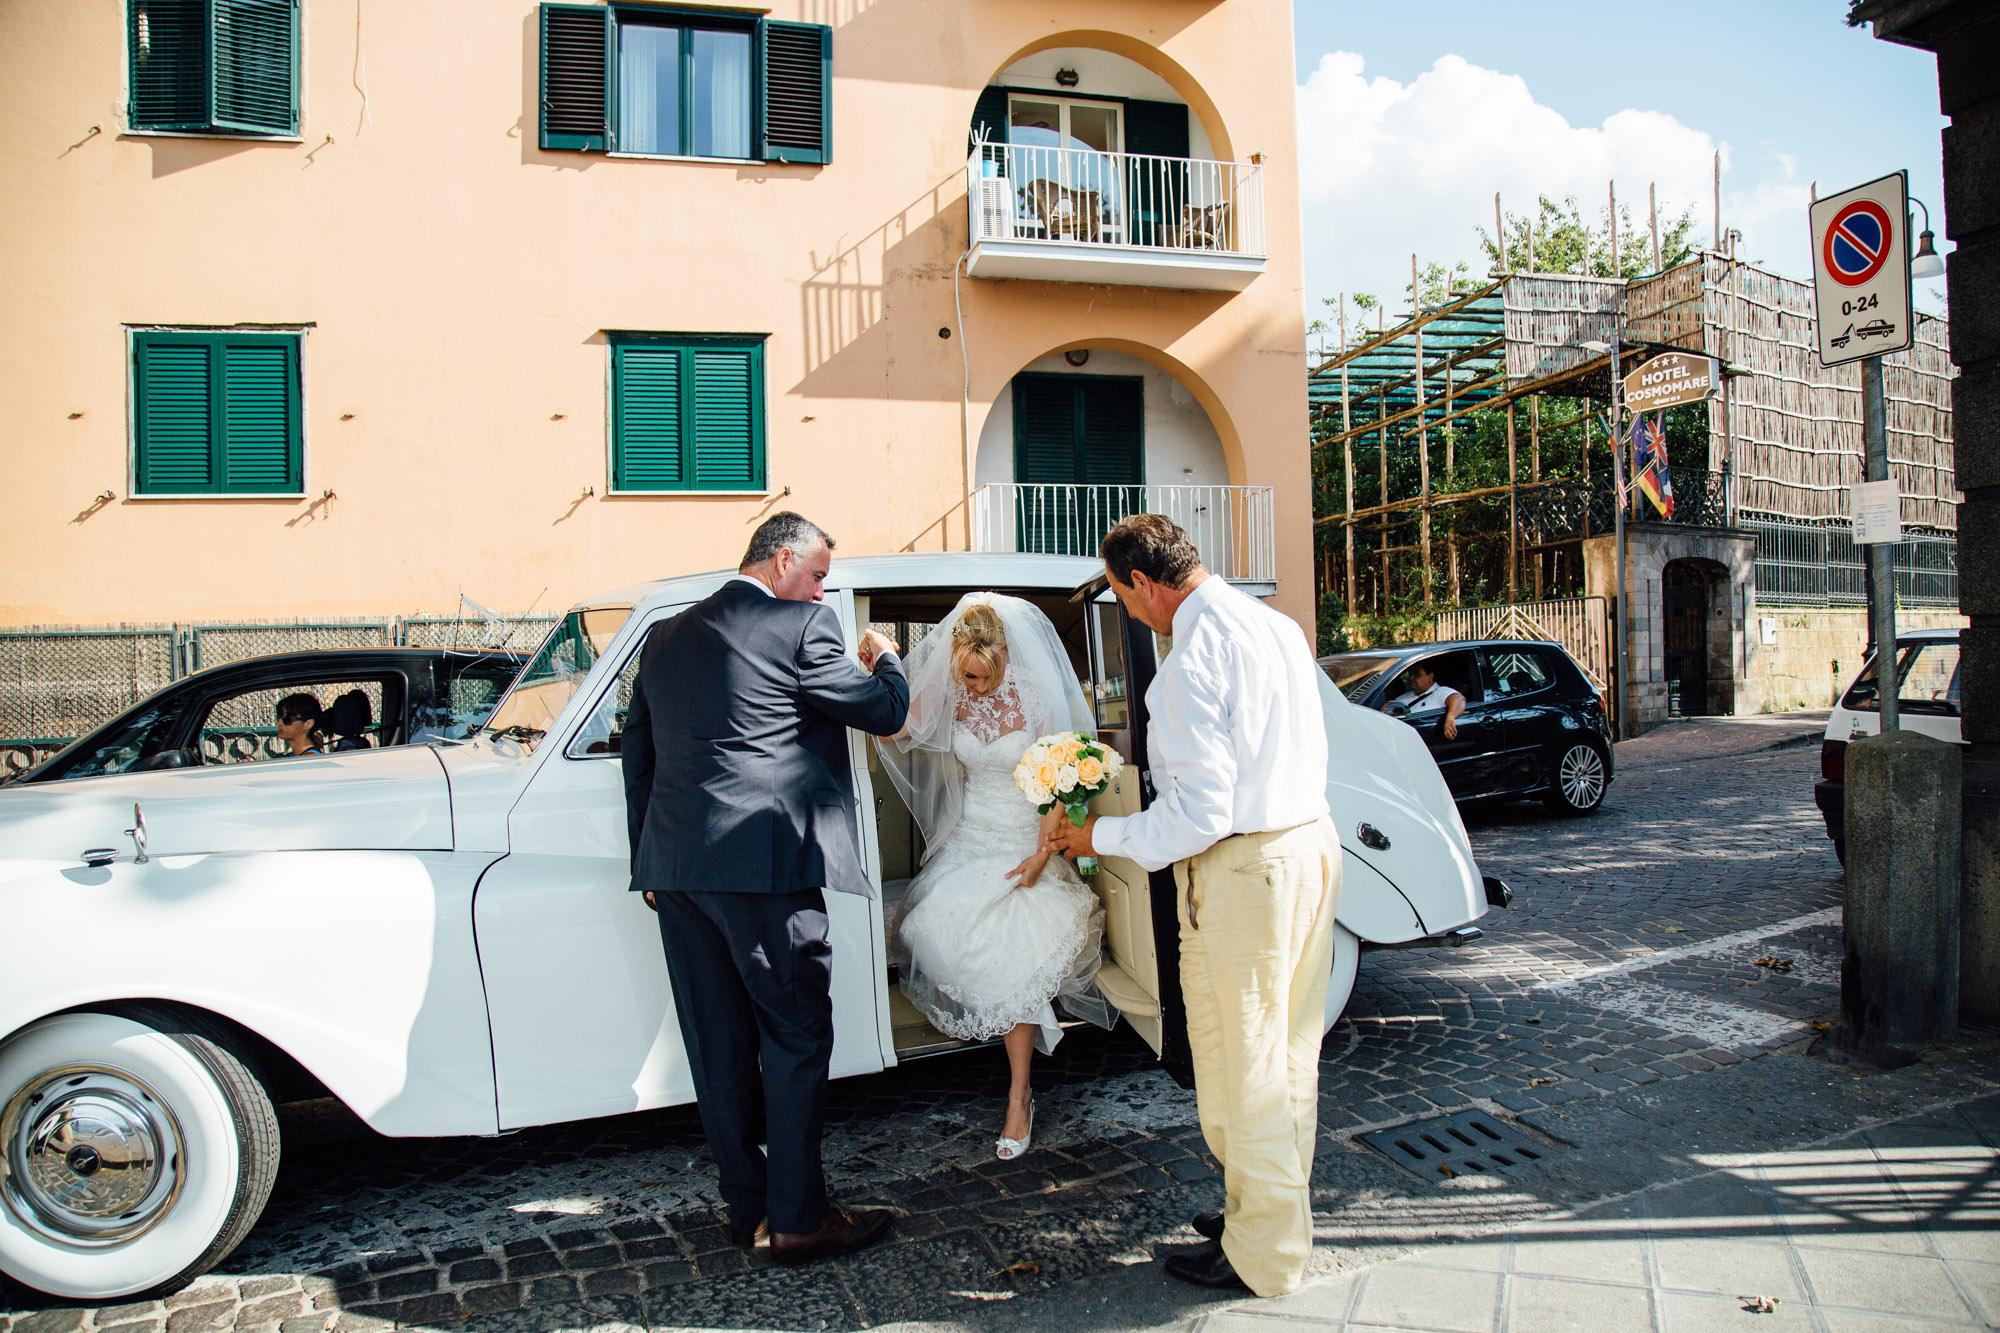 ItalyWeddingPhotography-14.jpg